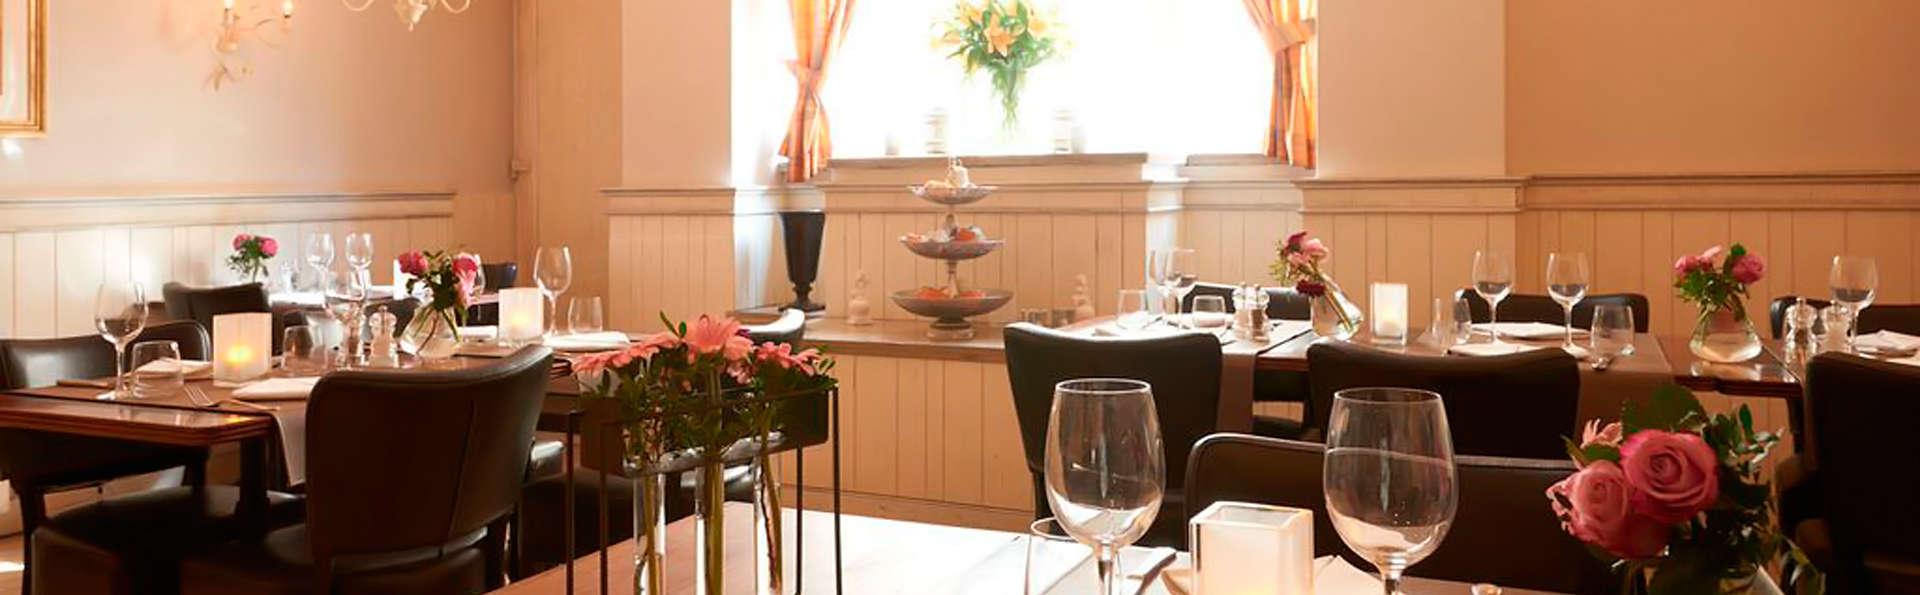 Leopold Hotel Brussel EU - EDITrestaurant2.jpg